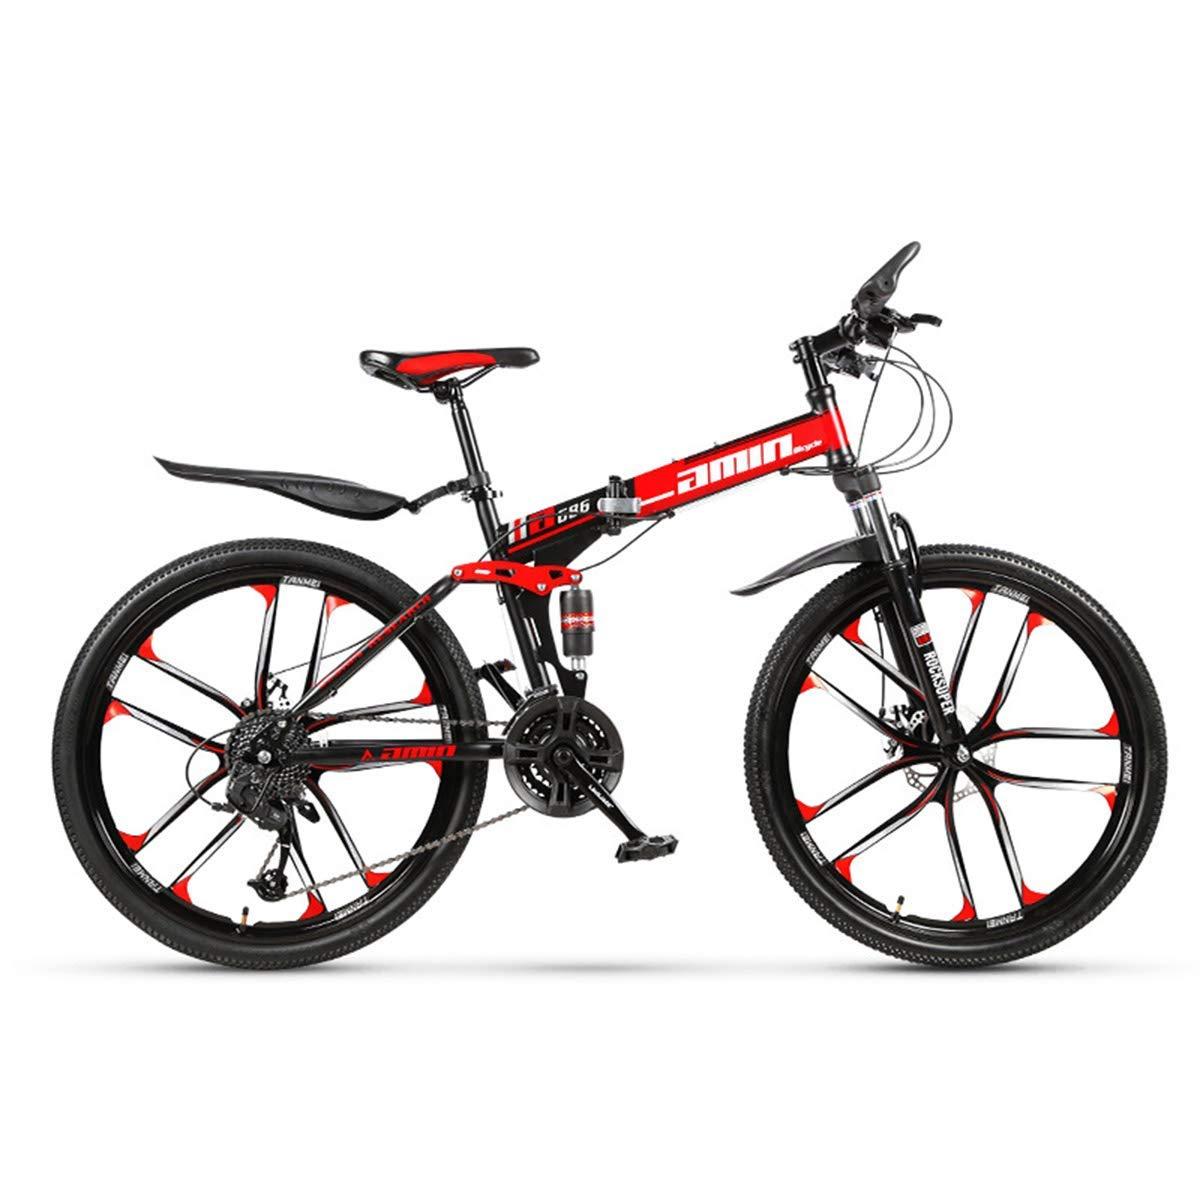 artículos de promoción 16 24speed Bicicleta de montaña de 30 velocidades, Marco de de de Acero, 26 Pulgadas, Ruedas de 3 radios, Doble suspensión, Bicicleta Plegable  suministramos lo mejor